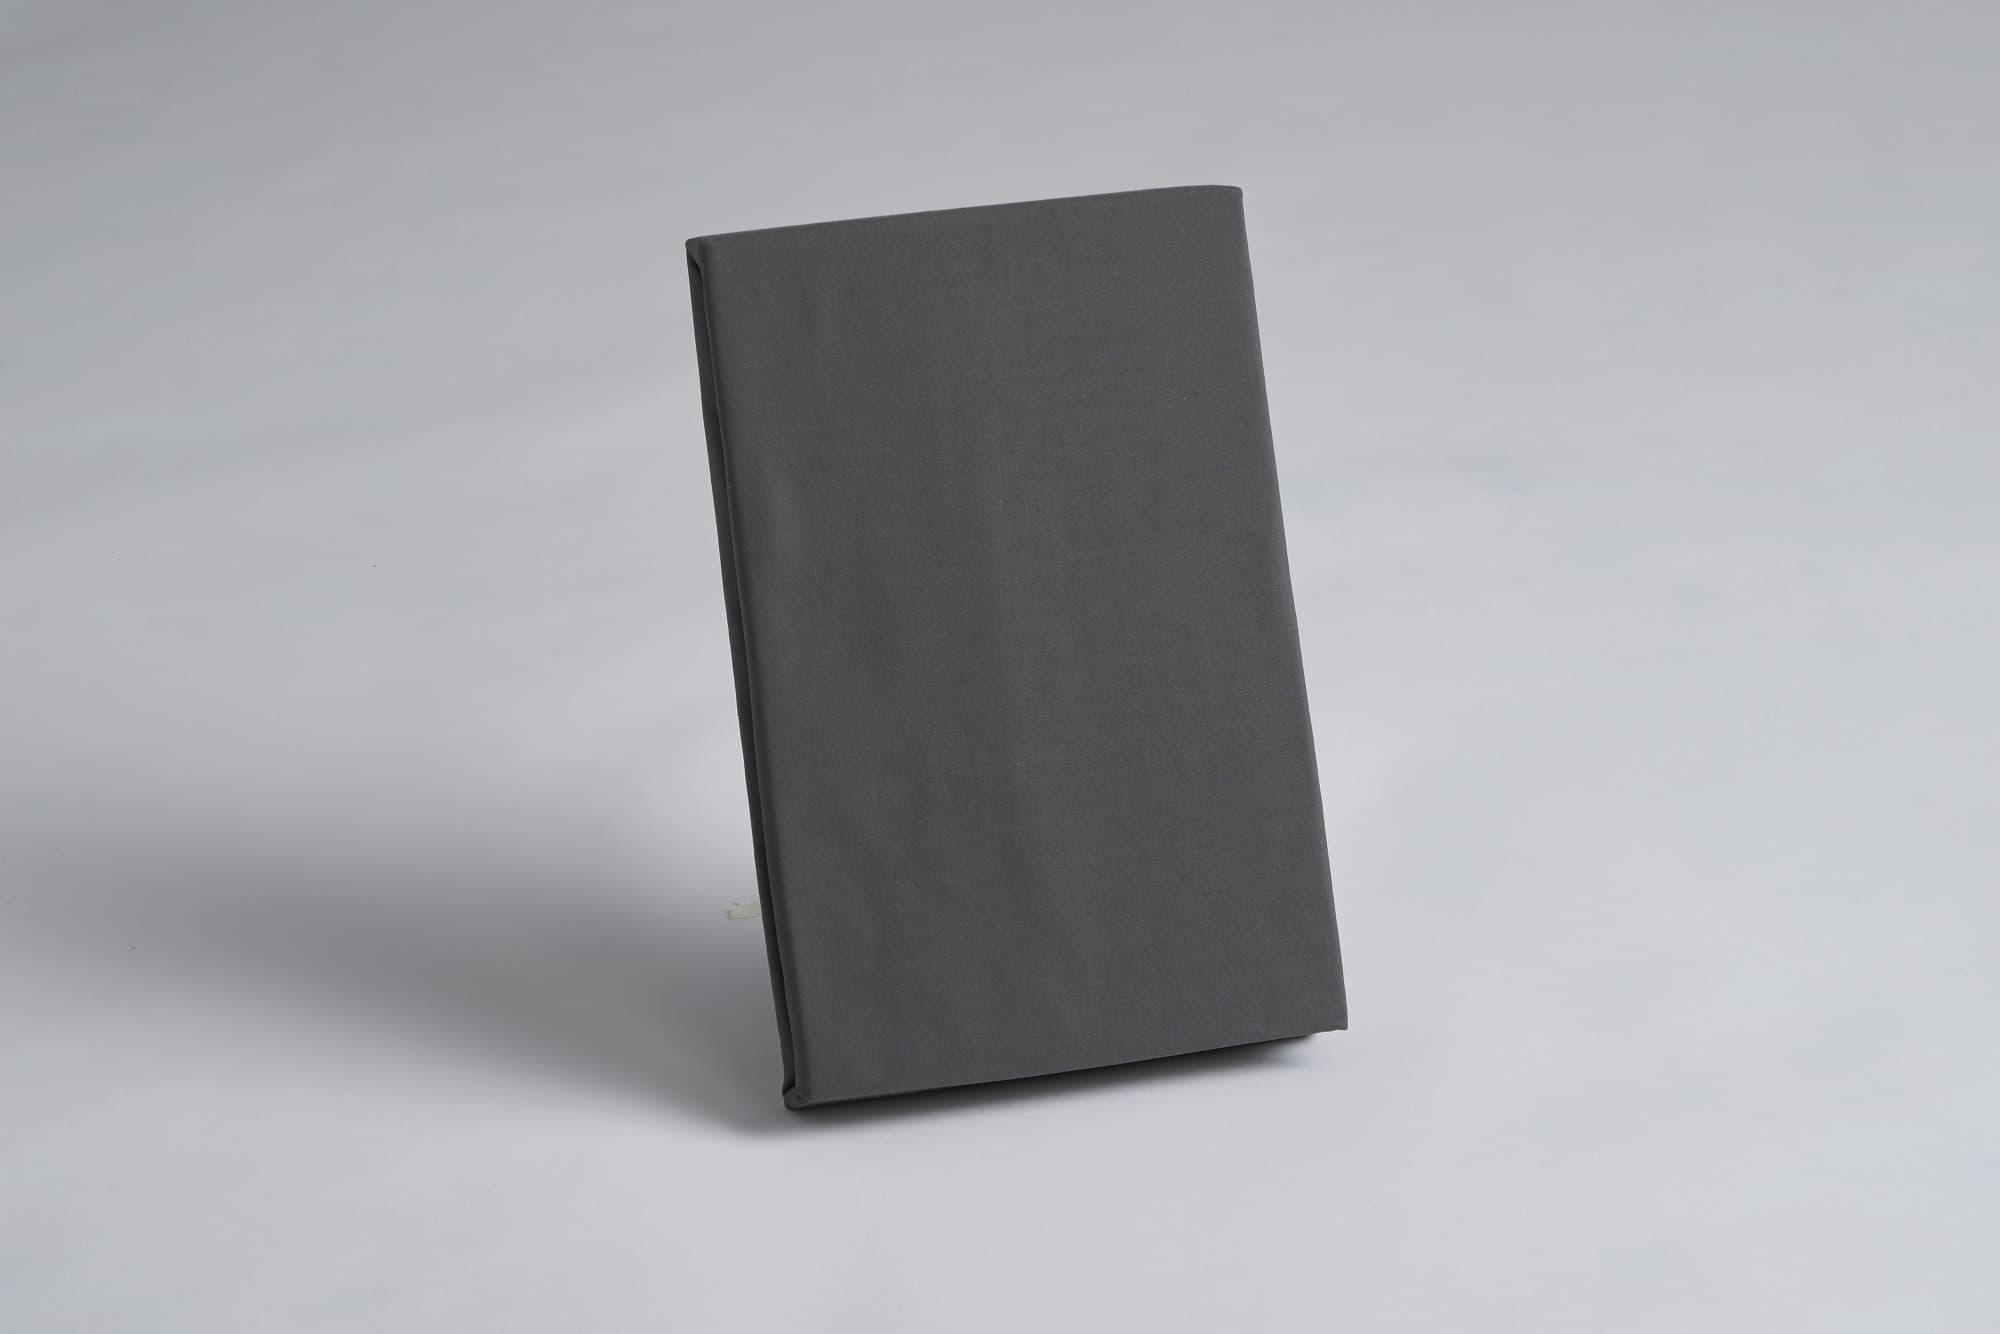 ボックスシーツ シングル用 30H グレー:《綿100%を使用したボックスシーツ》